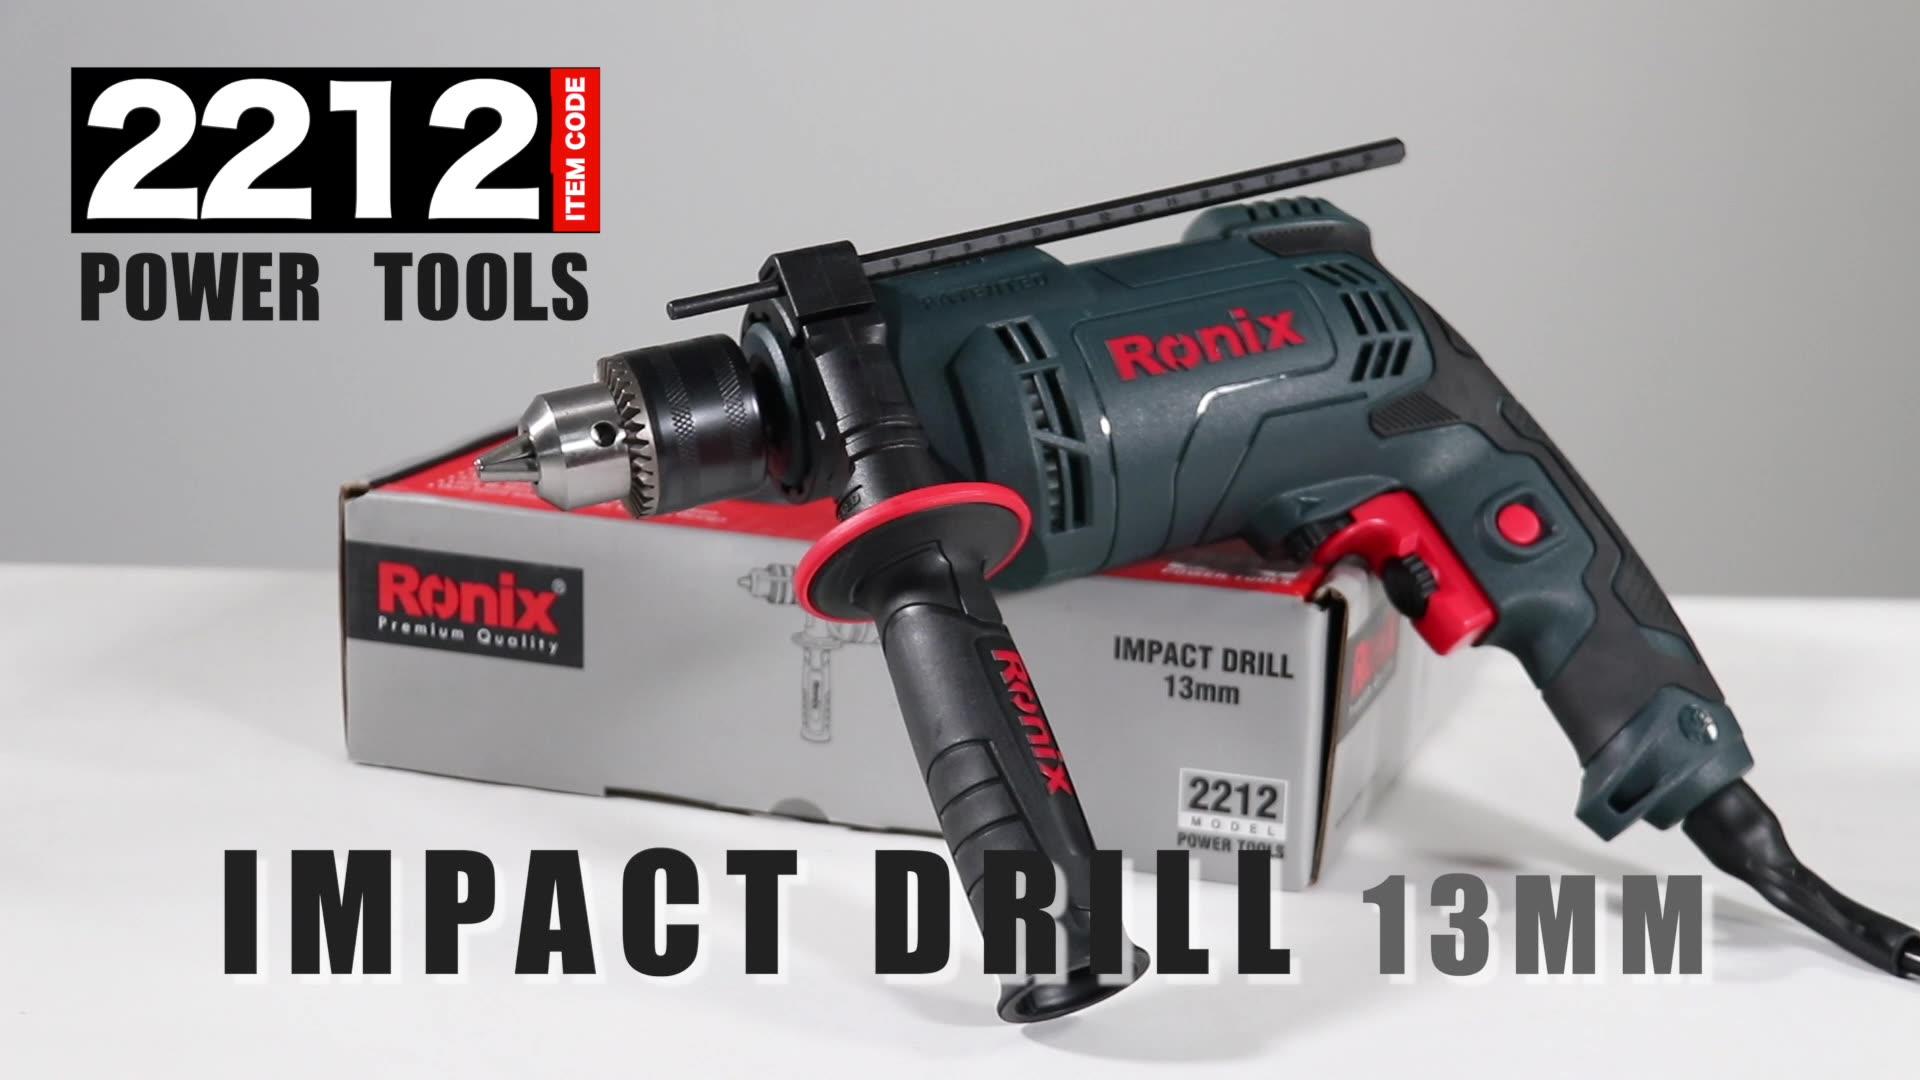 तेजी से वितरण Ronix मॉडल 2212 उच्च गुणवत्ता 13mm 800W कीमत भारी शुल्क Corded बिजली प्रभाव ड्रिल उपकरण सेट